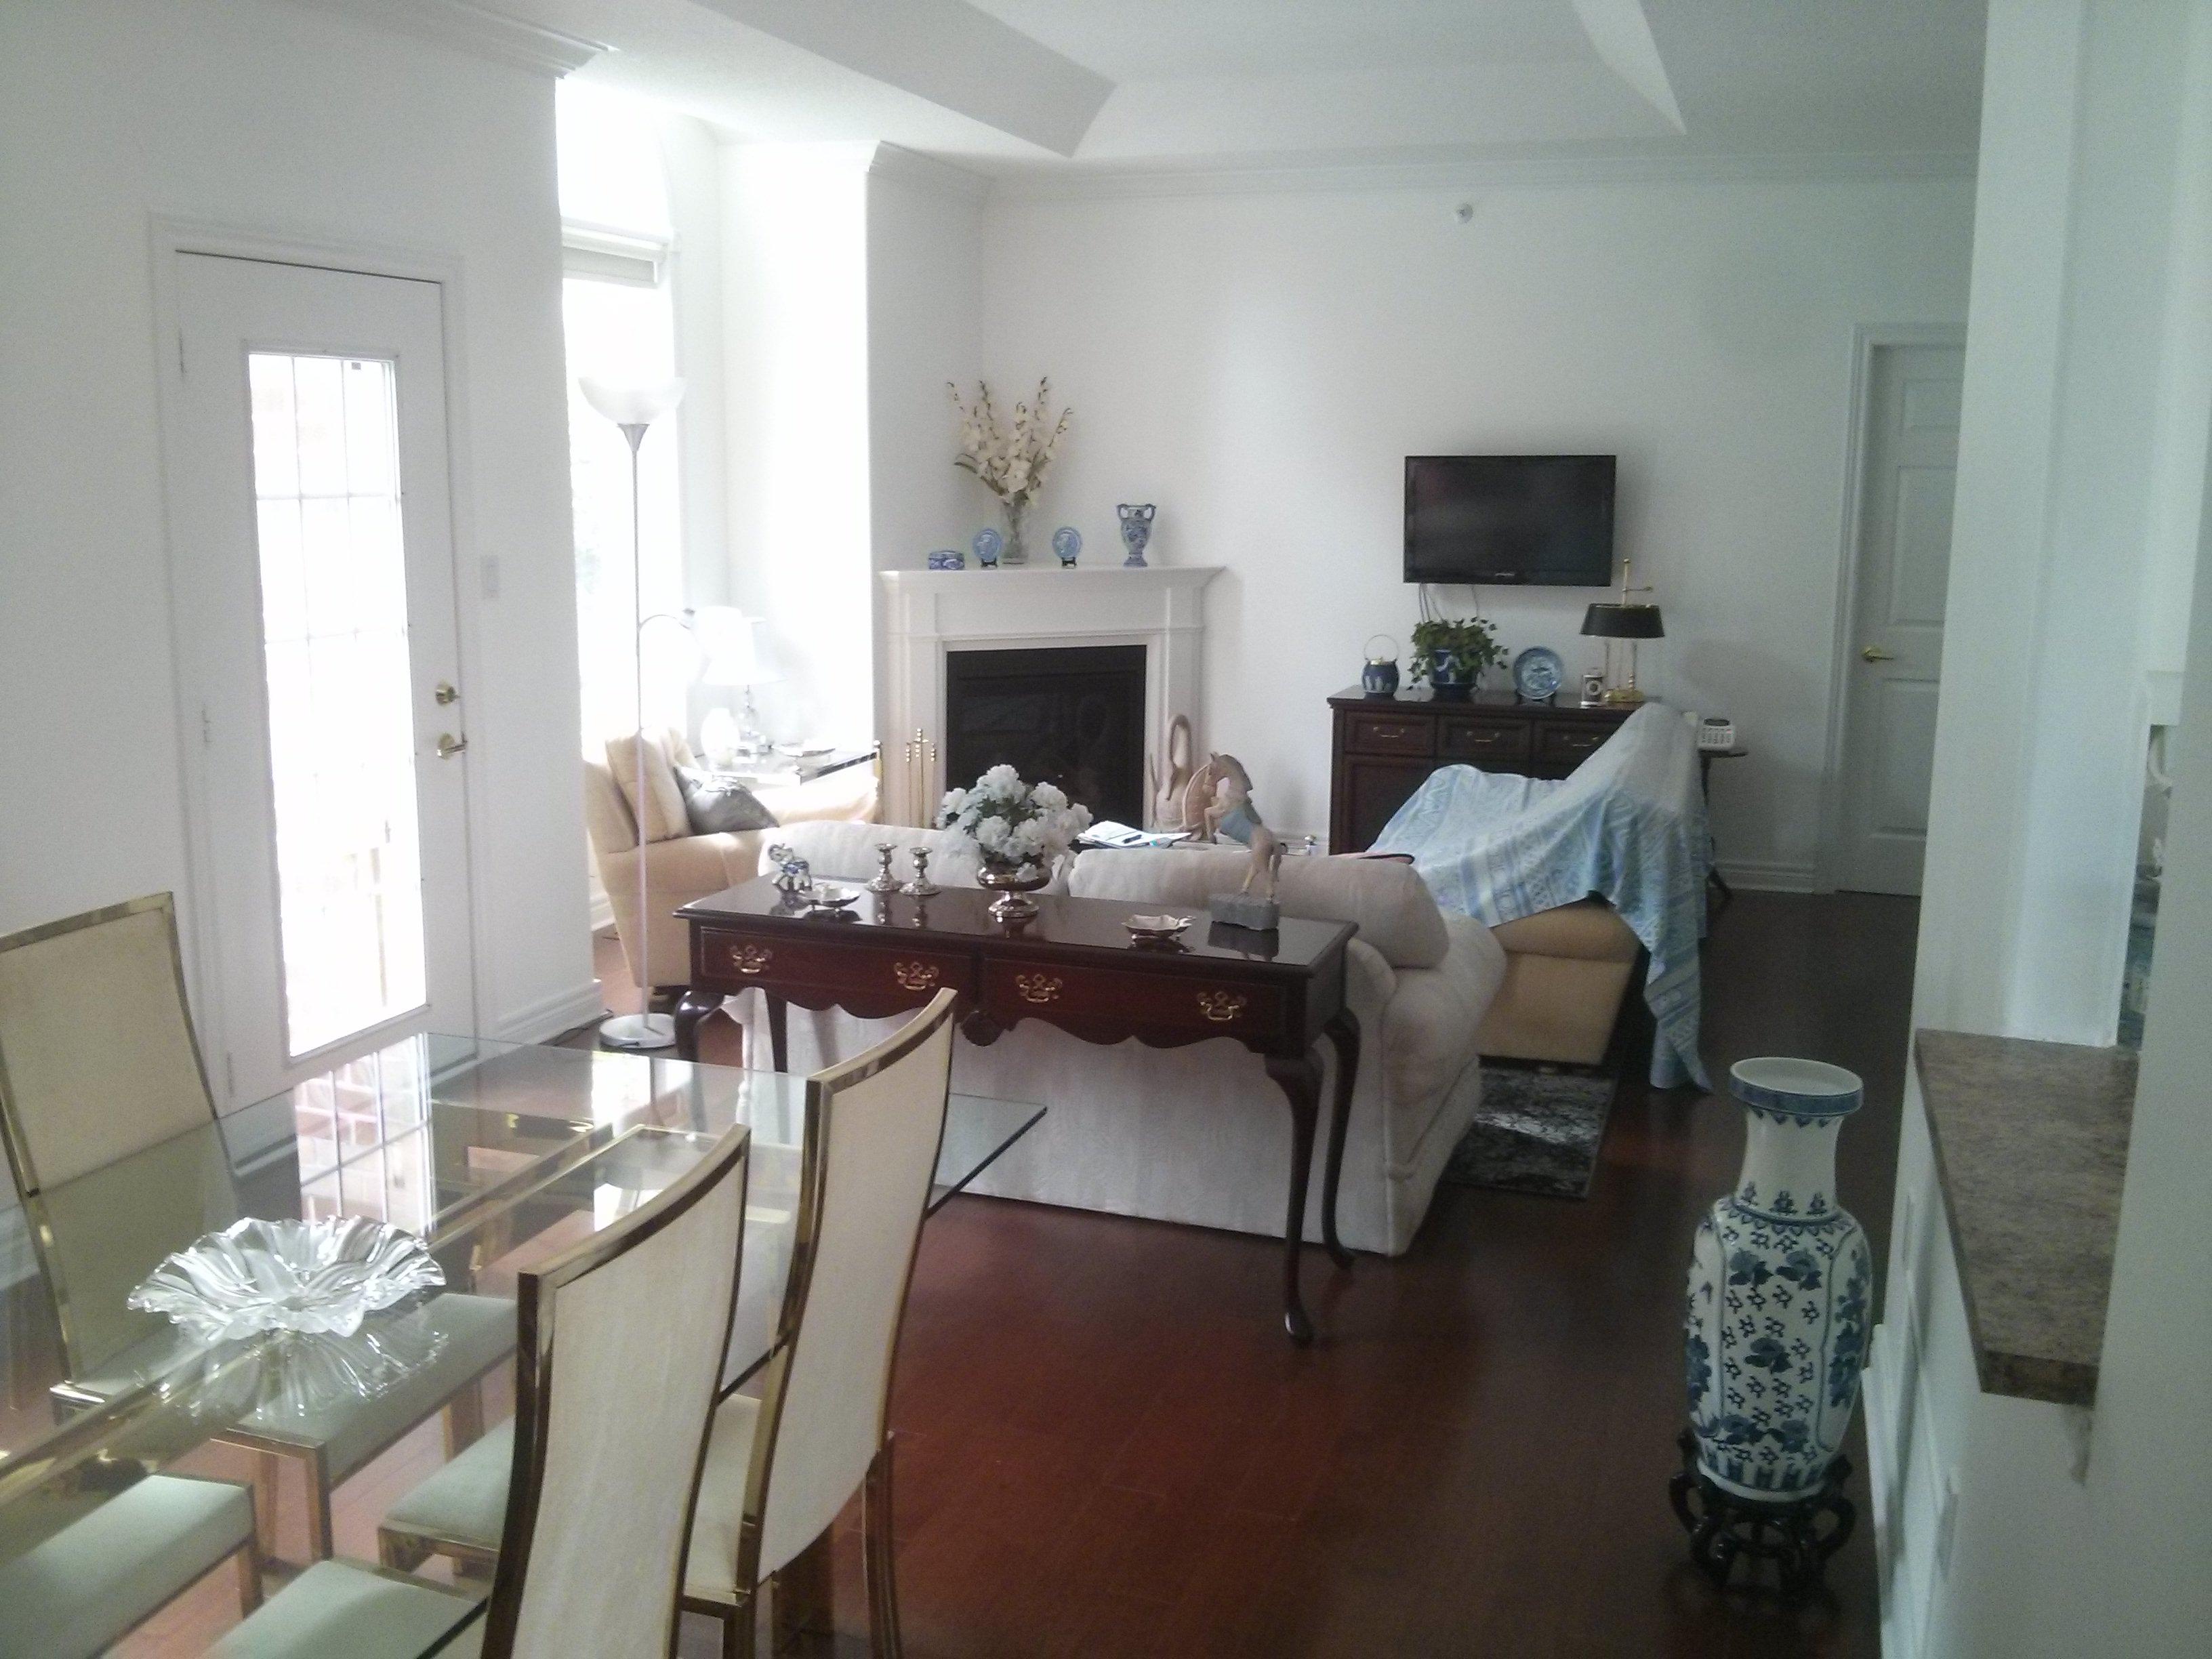 Living Room Full View